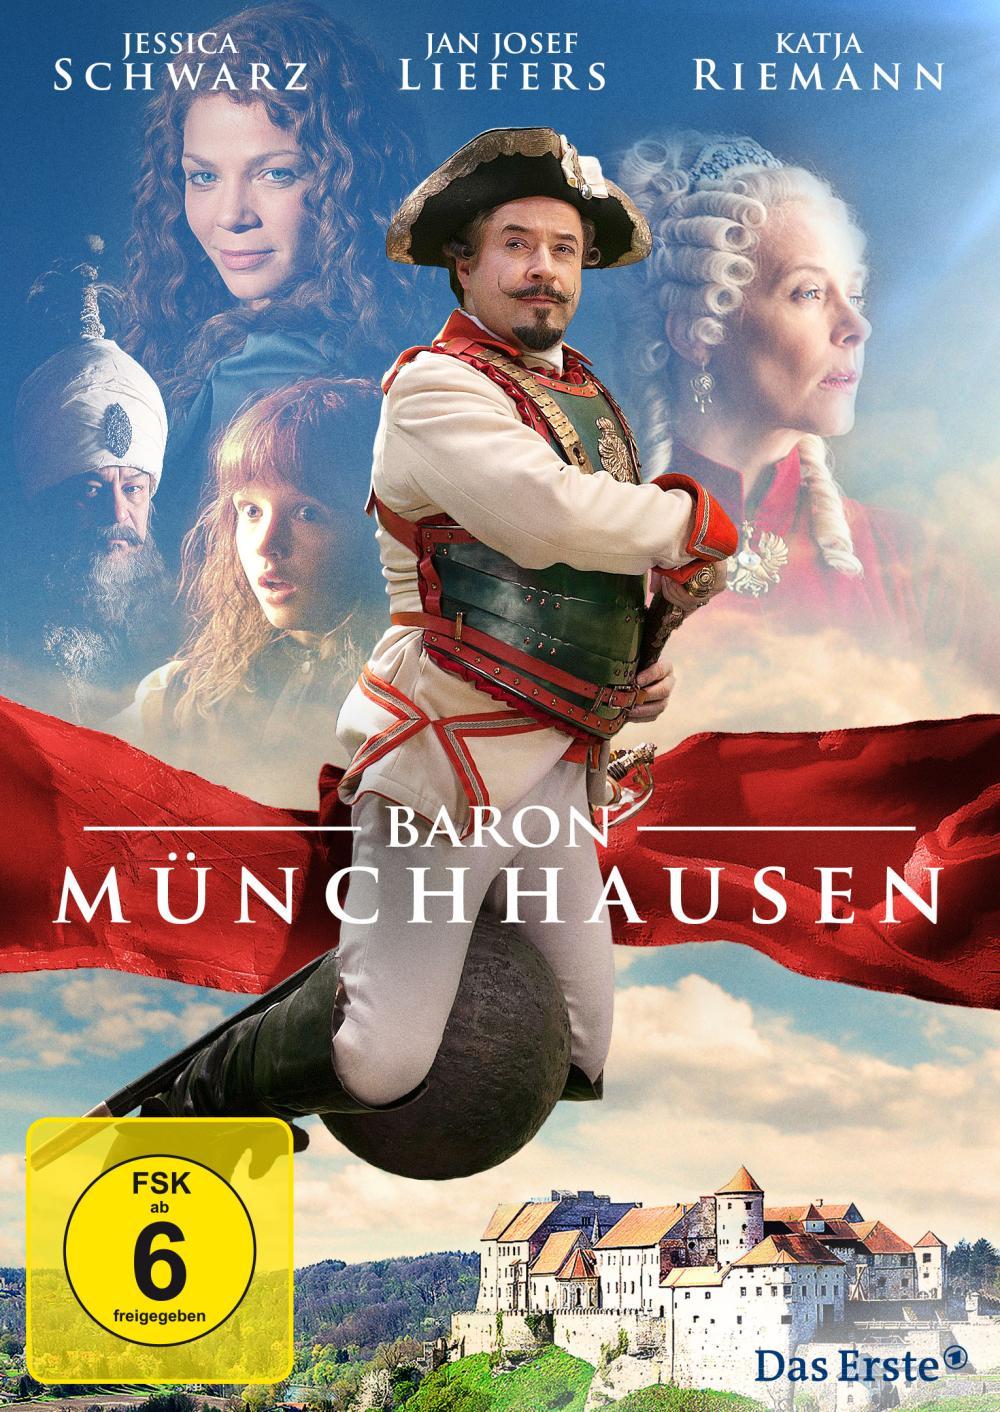 Münchhausen (Film)